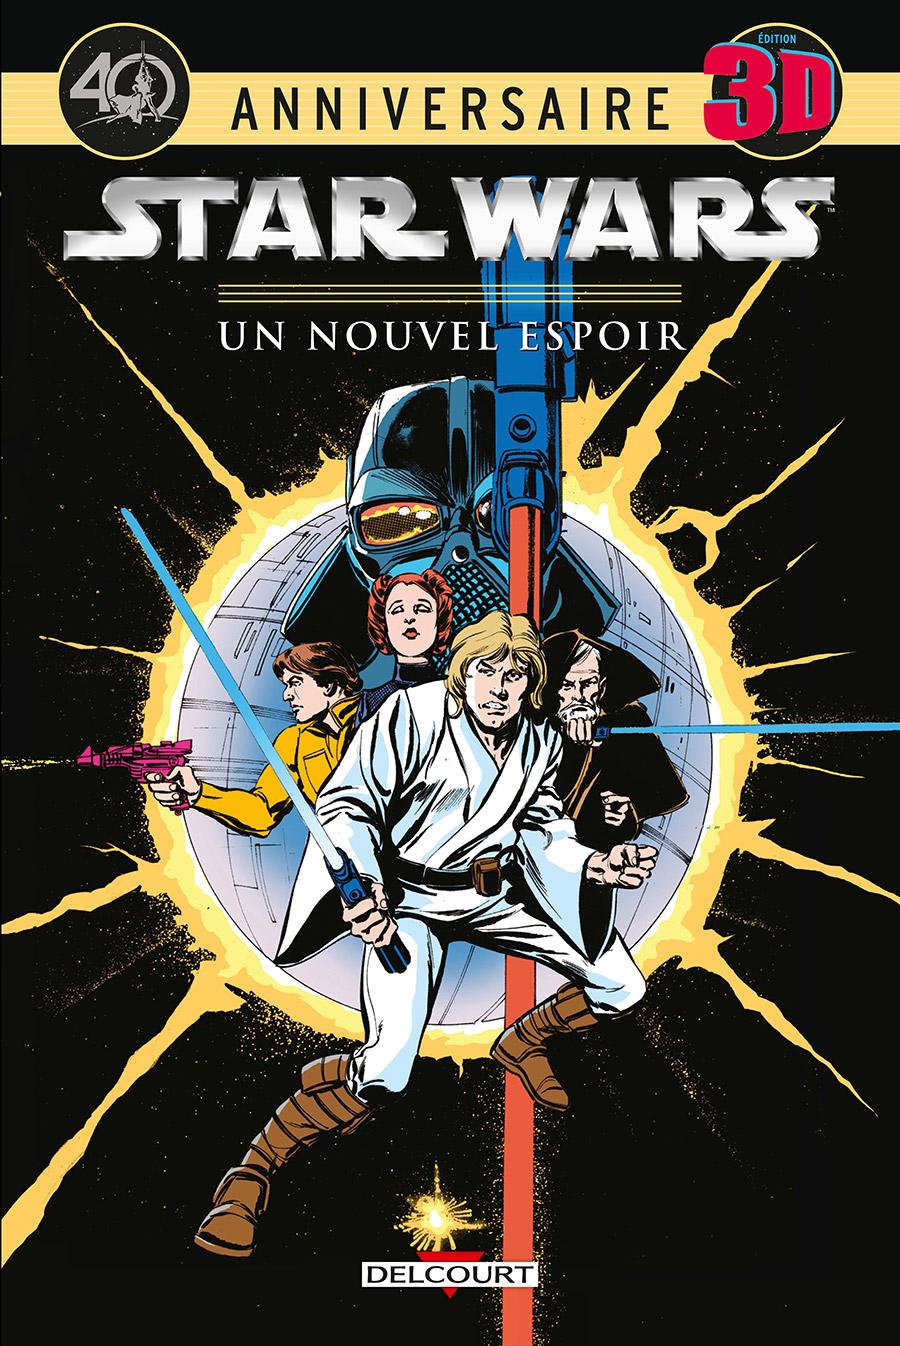 Star Wars - Un Nouvel Espoir : Edition 3D (0), comics chez Delcourt de Thomas, Hoberg, Chaykin, Wray, Leialoha, Cockrun, Wein, Severin, Gafford